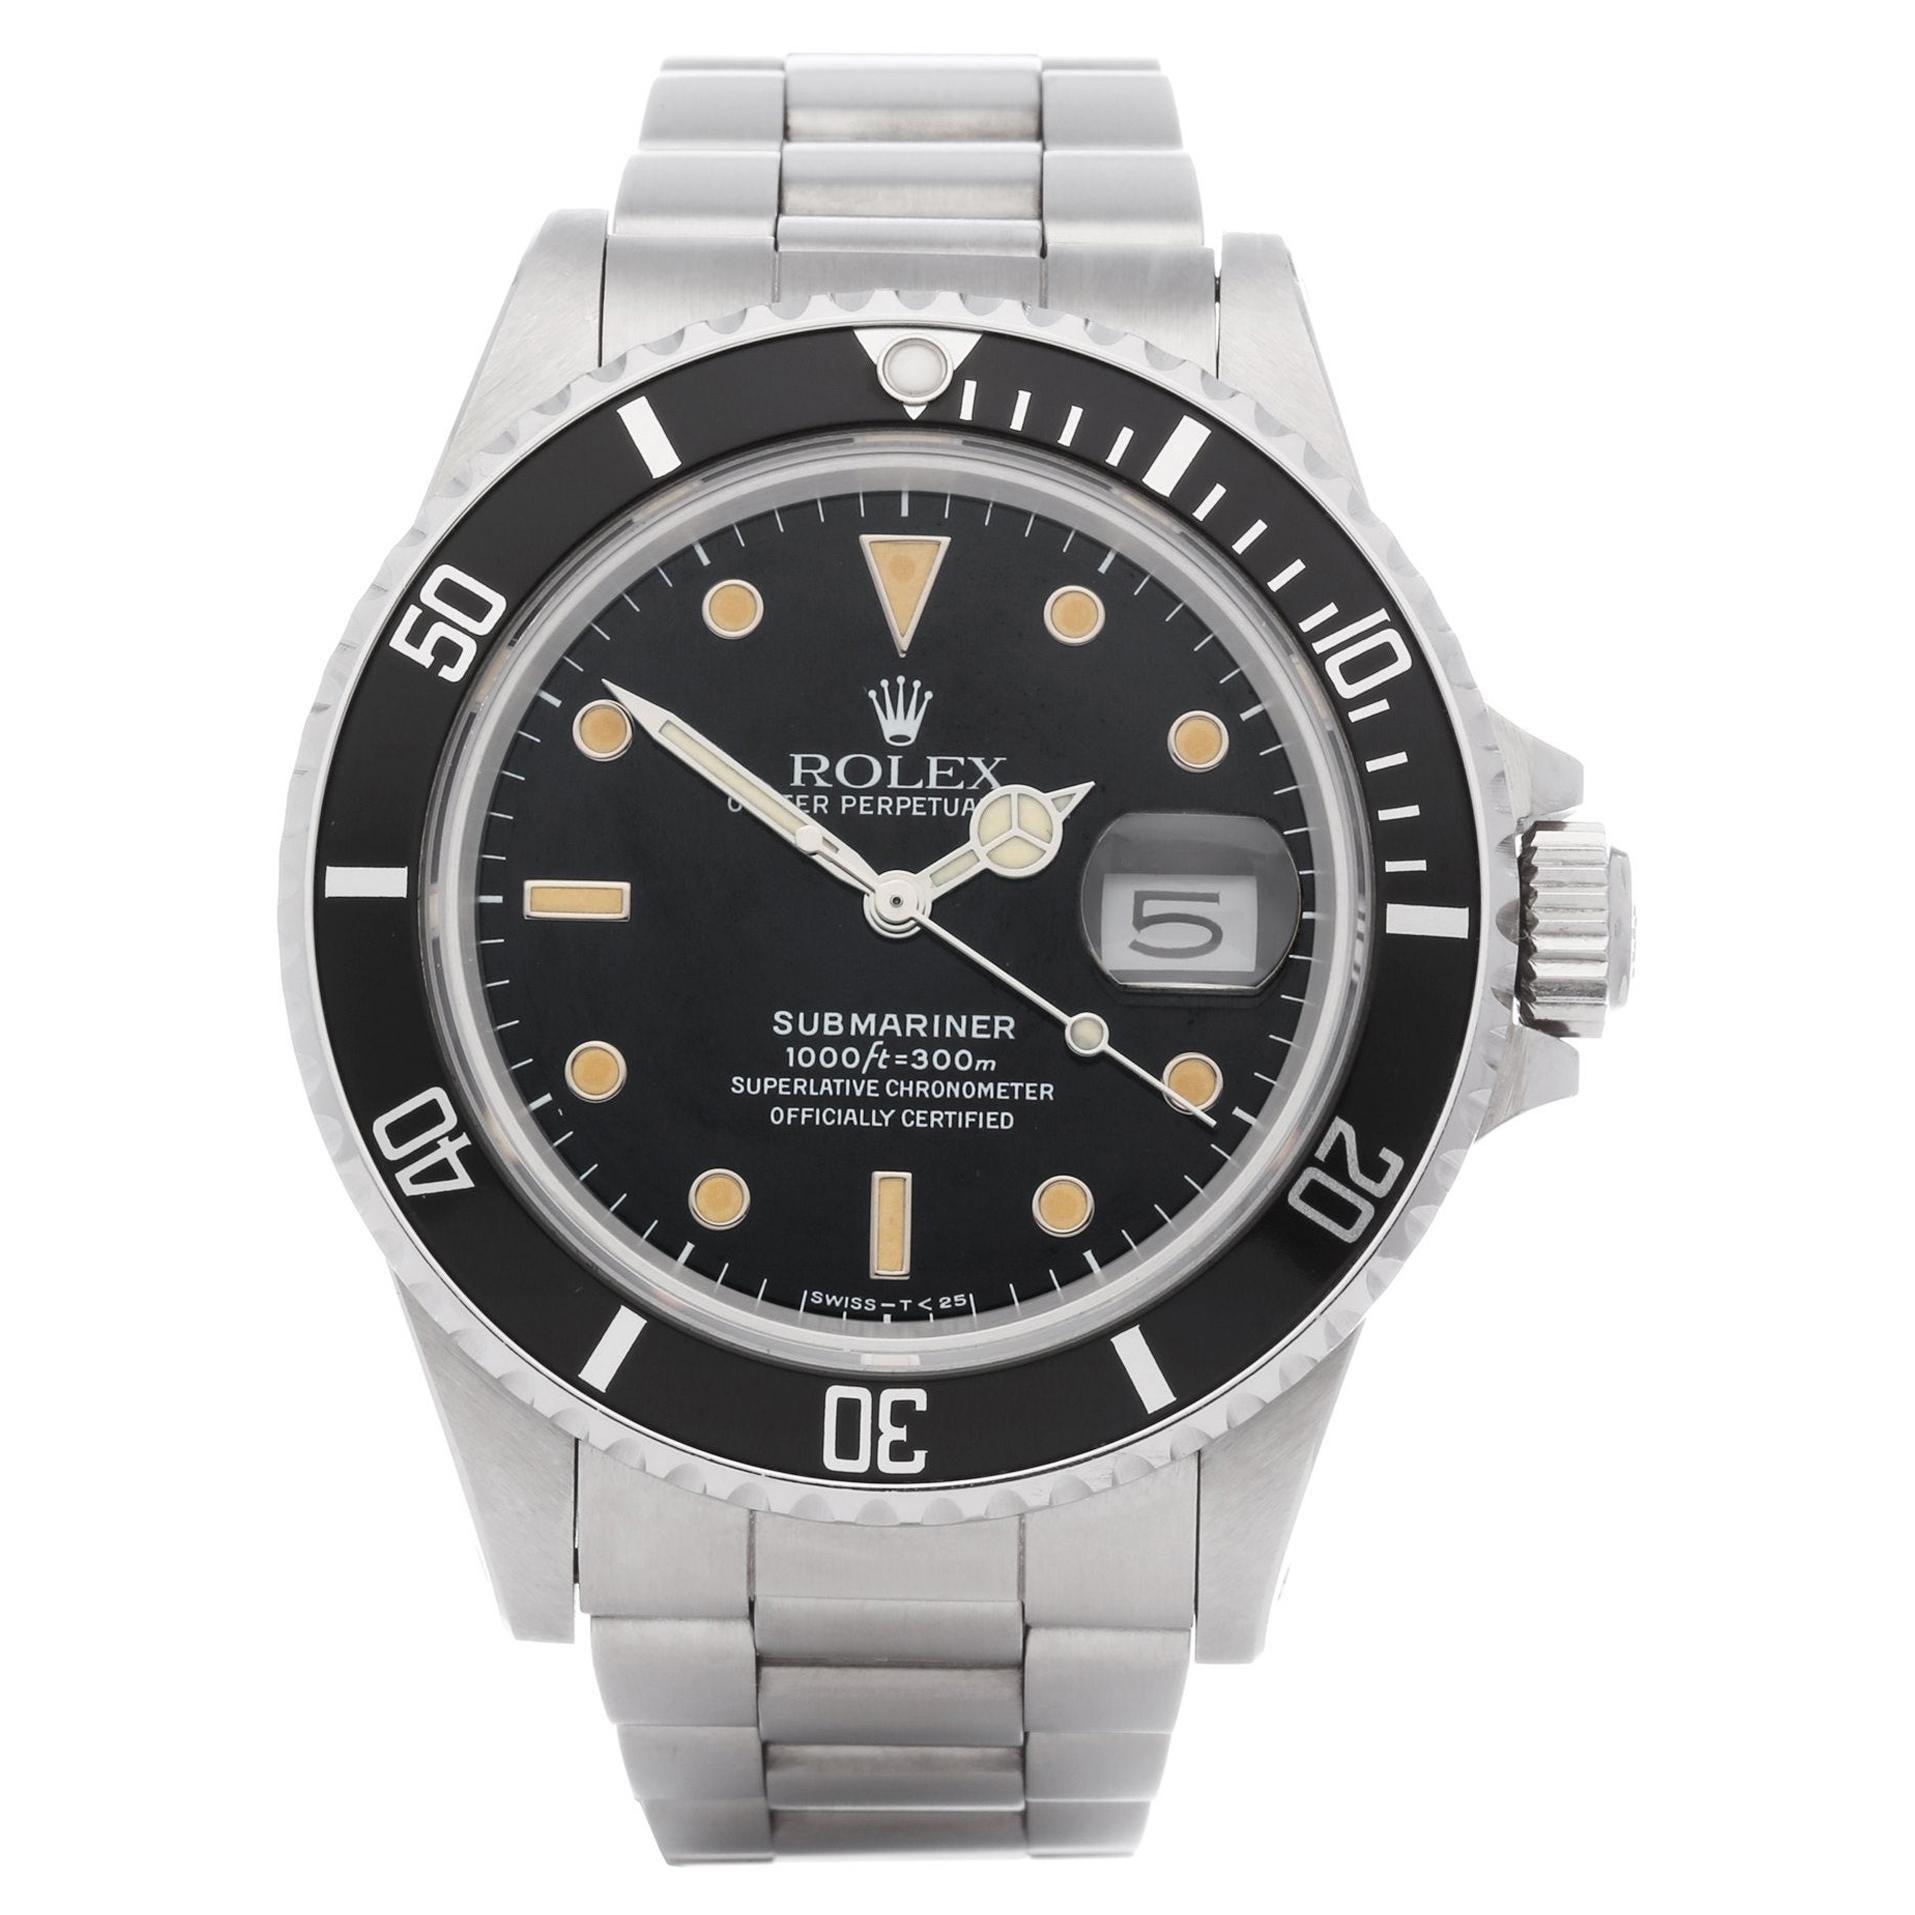 Rolex Submariner 168000 Men Stainless Steel 'Spider Dial' Watch